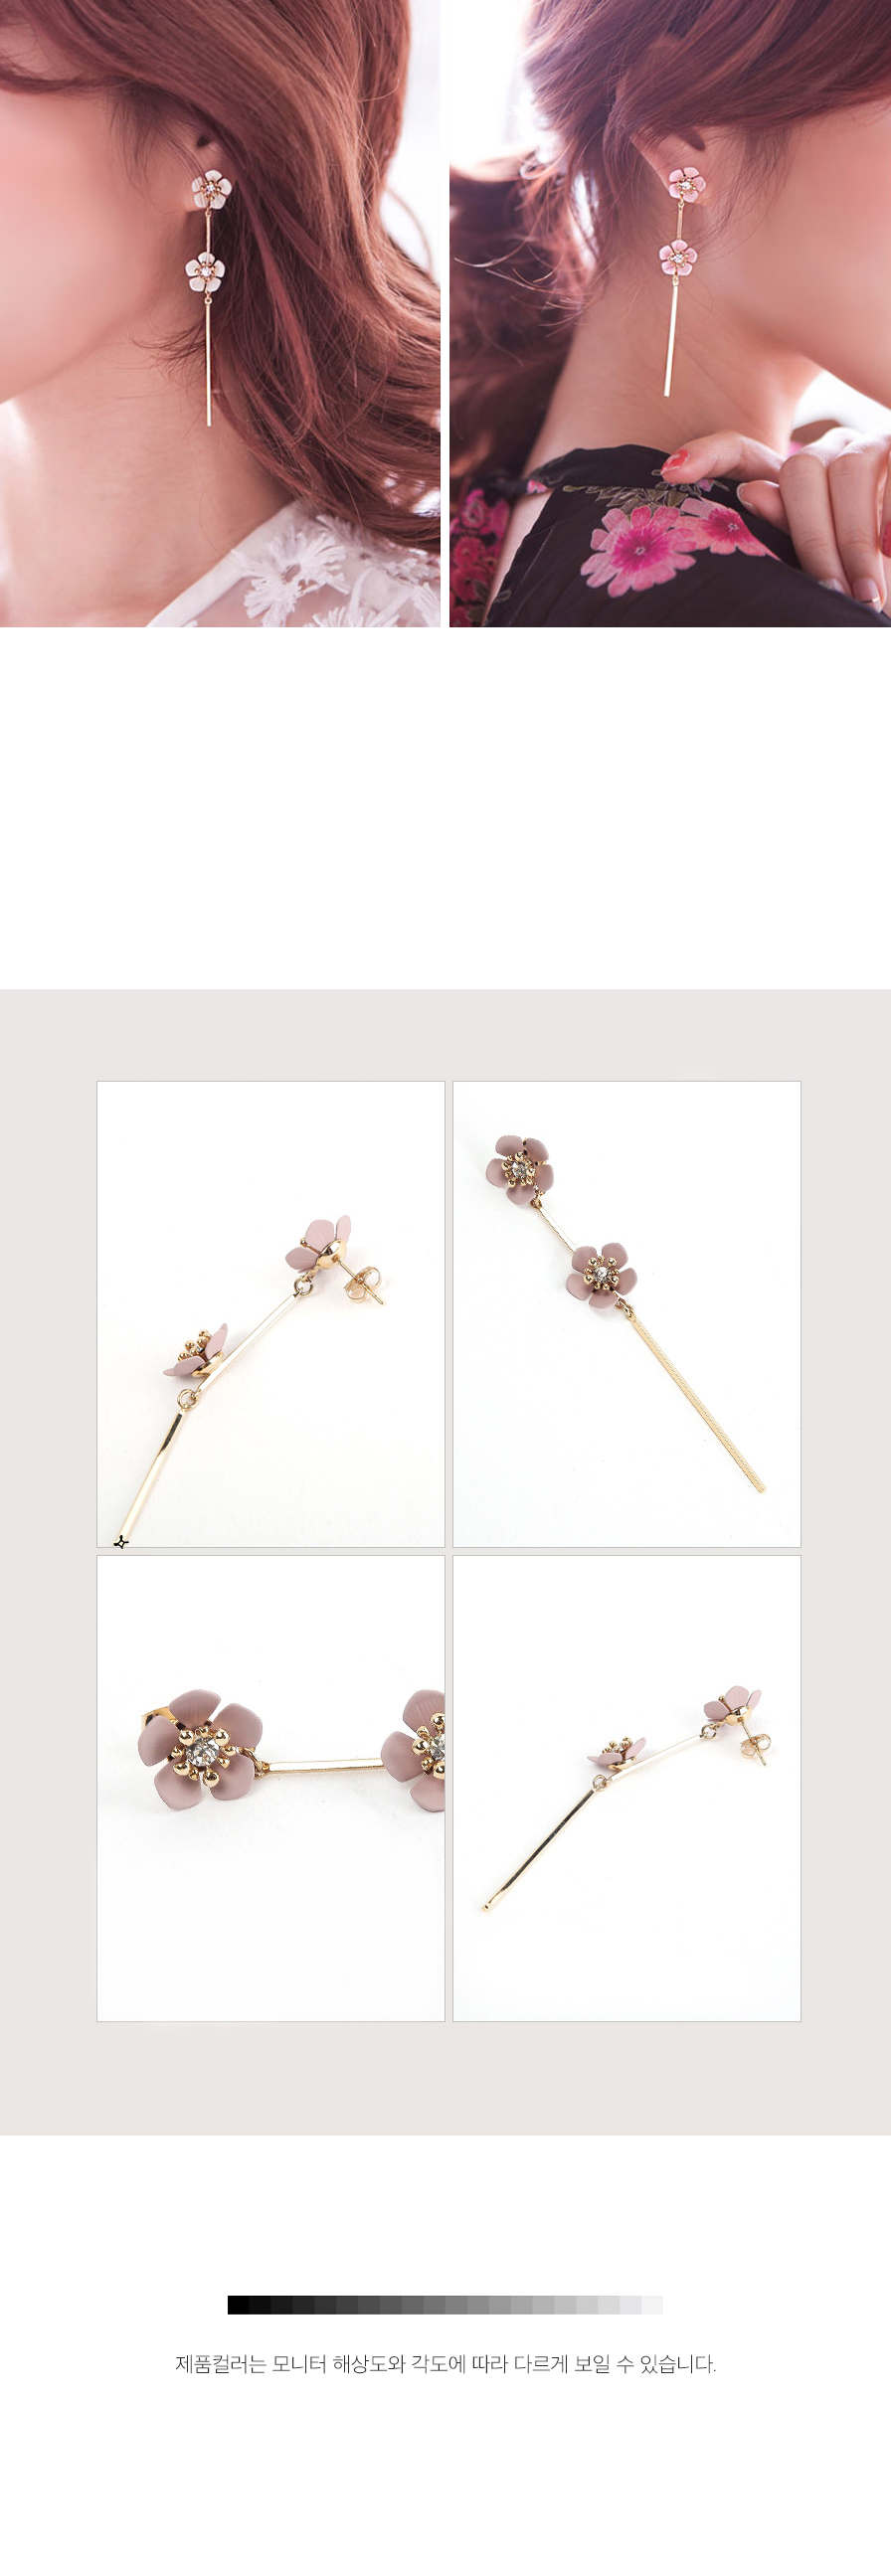 트리플 벚꽃 롱 귀걸이 - 아르뉴, 20,000원, 실버, 드롭귀걸이